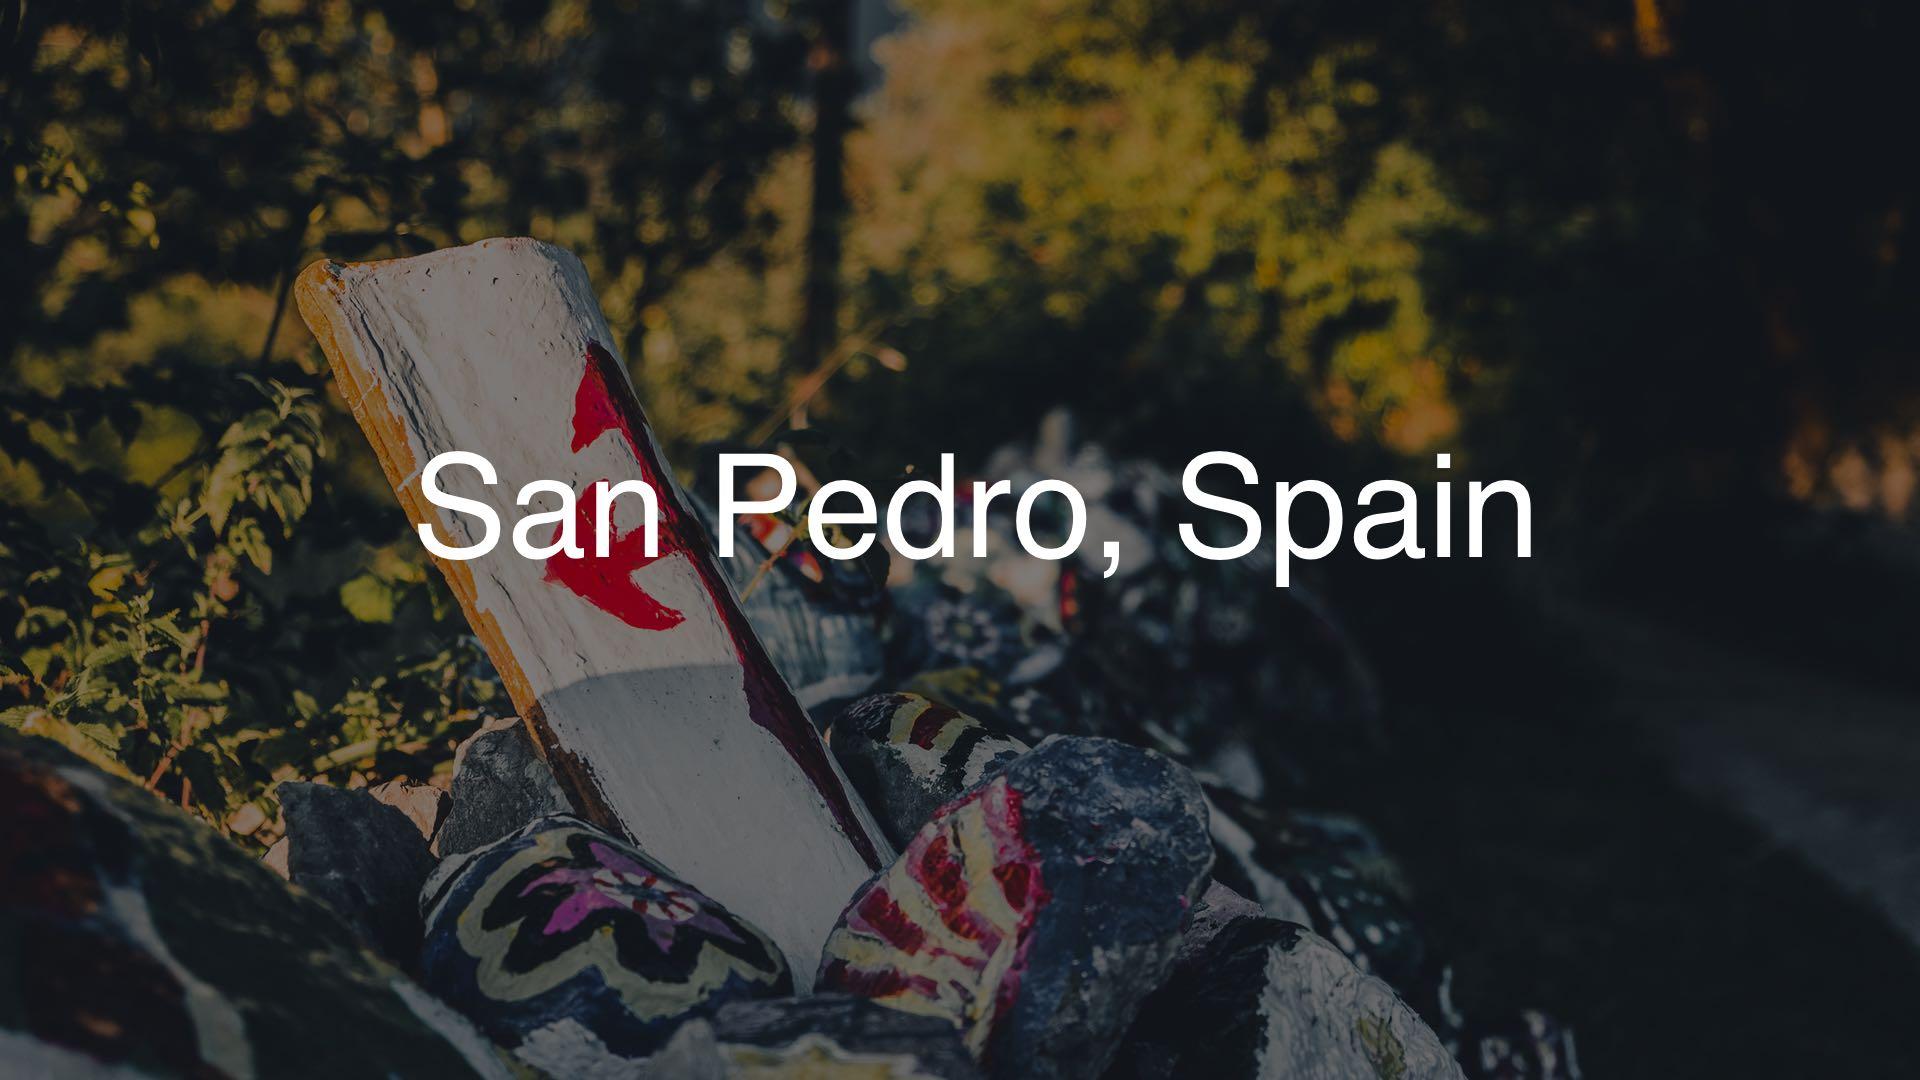 To Santiago 1920×1080 dark